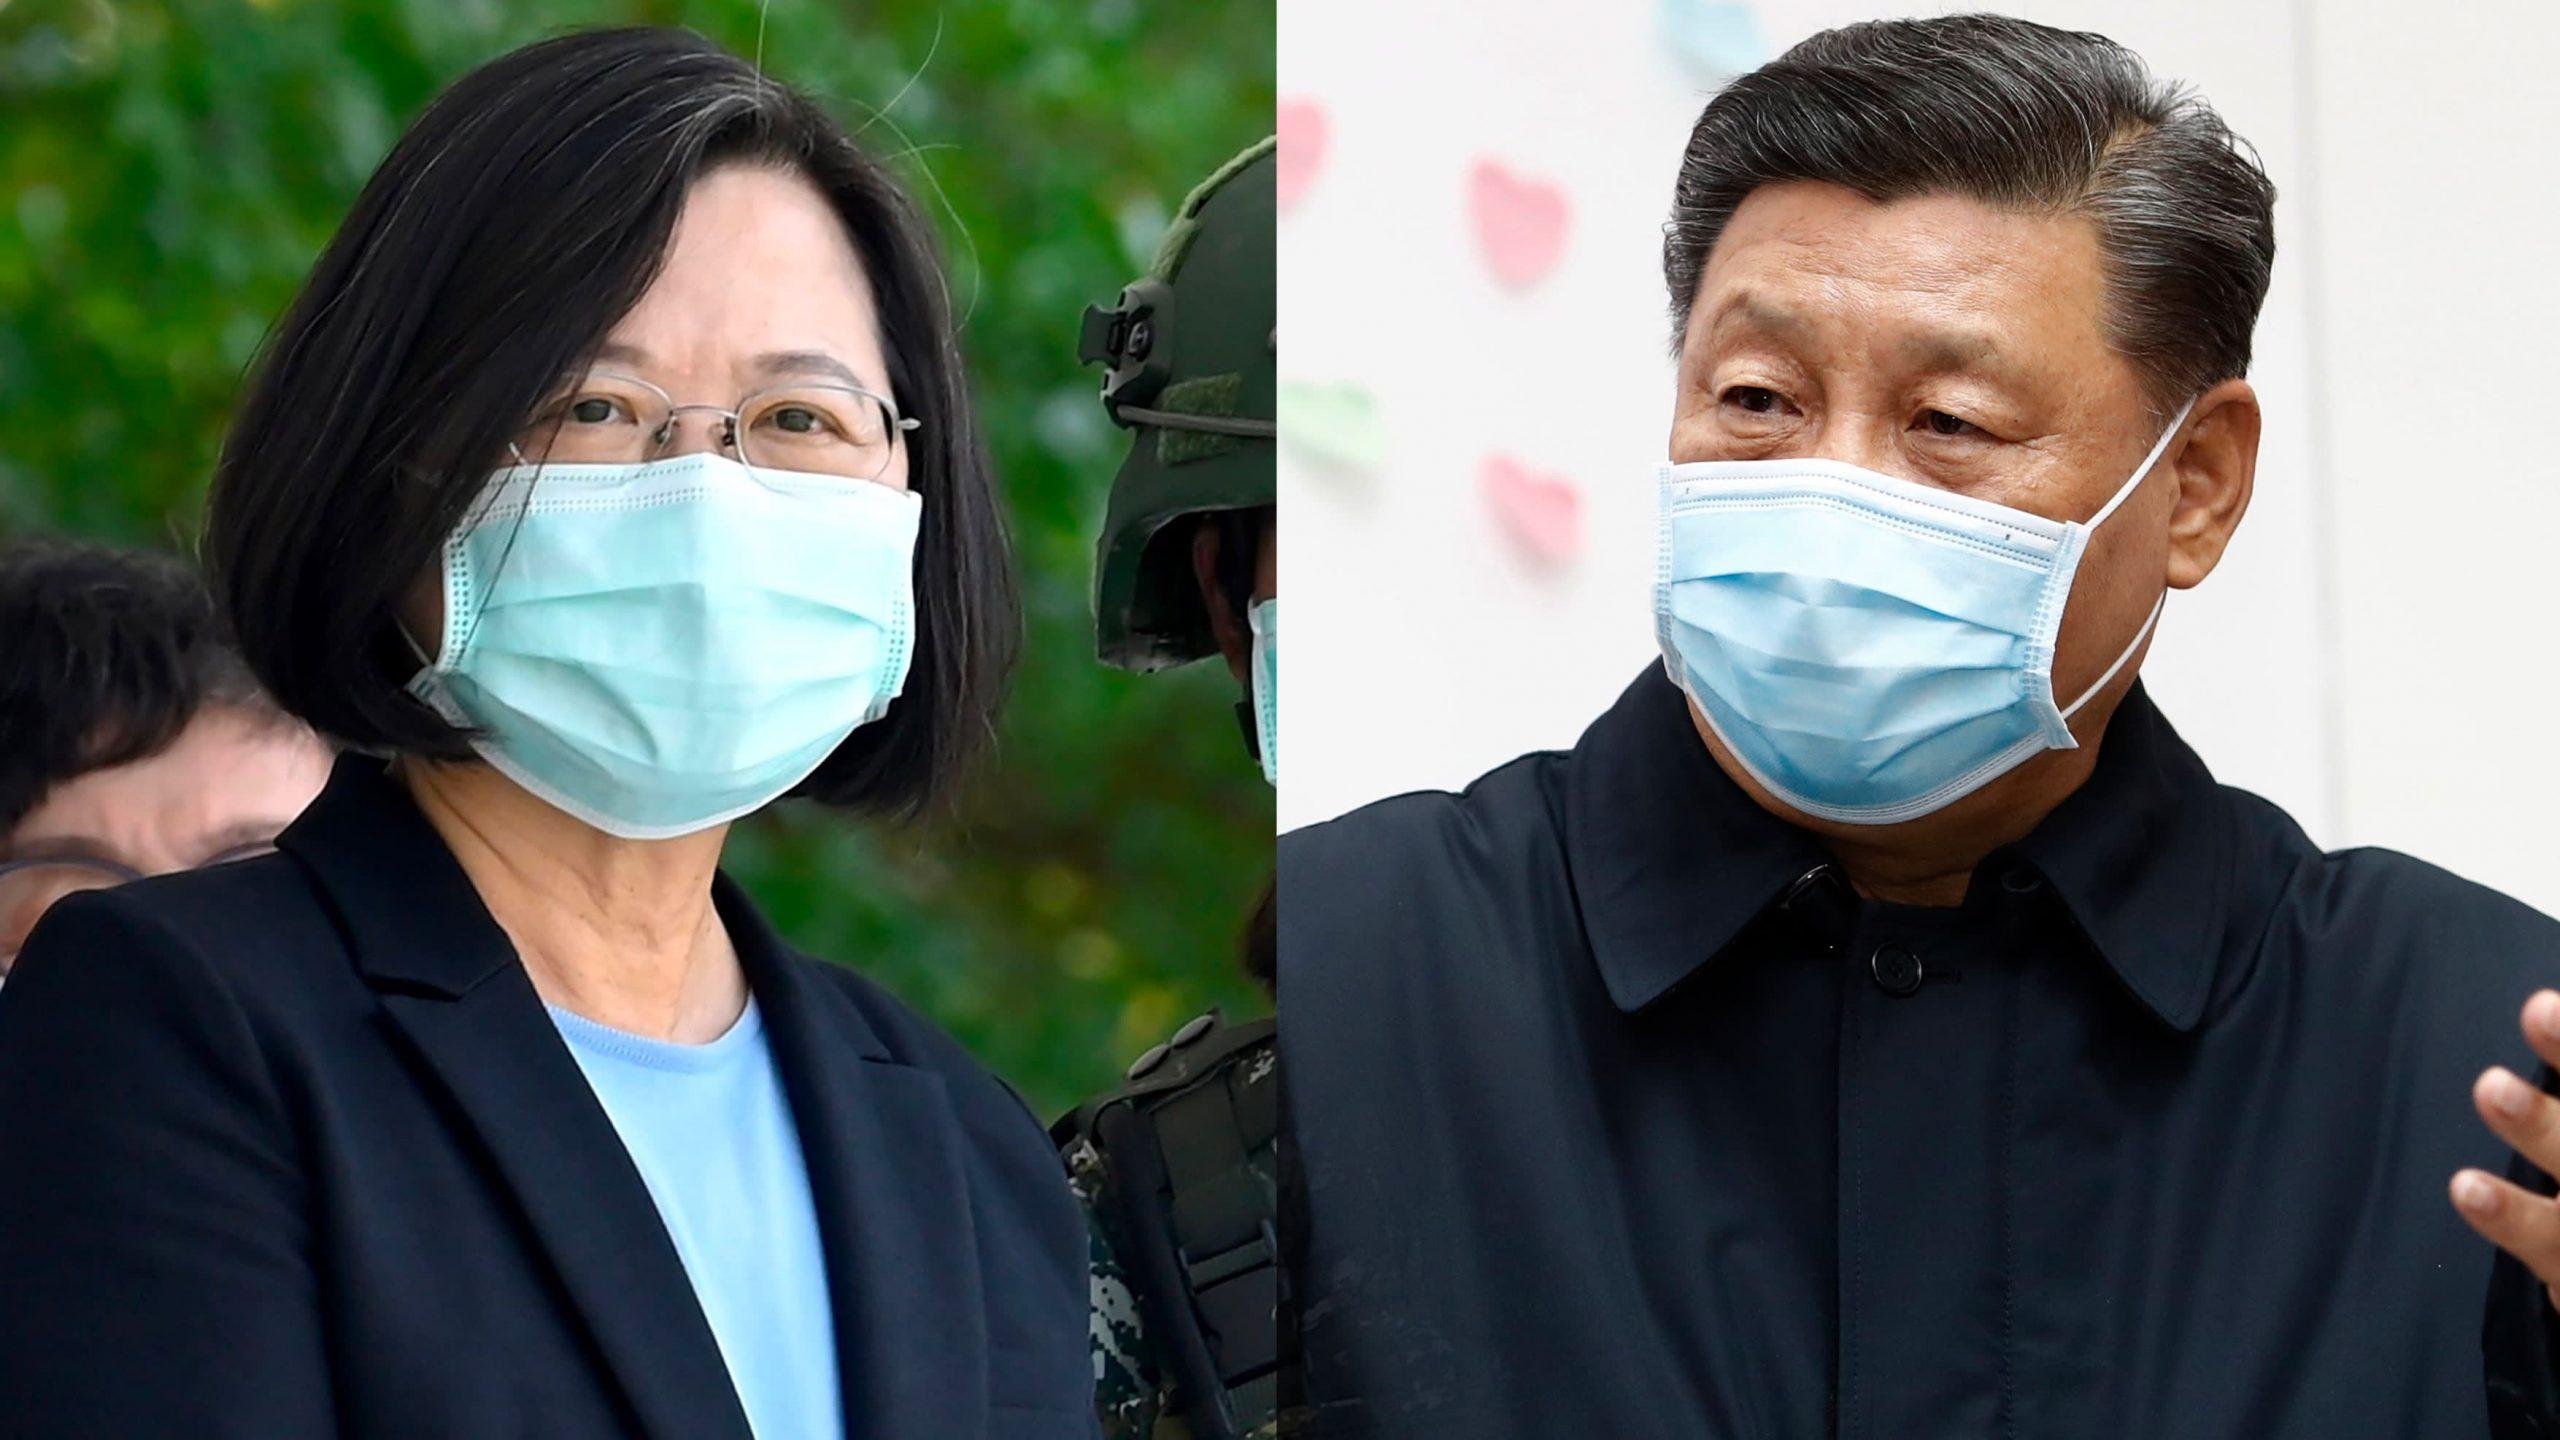 La présidente taïwanaise Tsai In-wen, à gauche, et le président chinois Xi Jinping, à droite. Source : Nikkei Asian Review